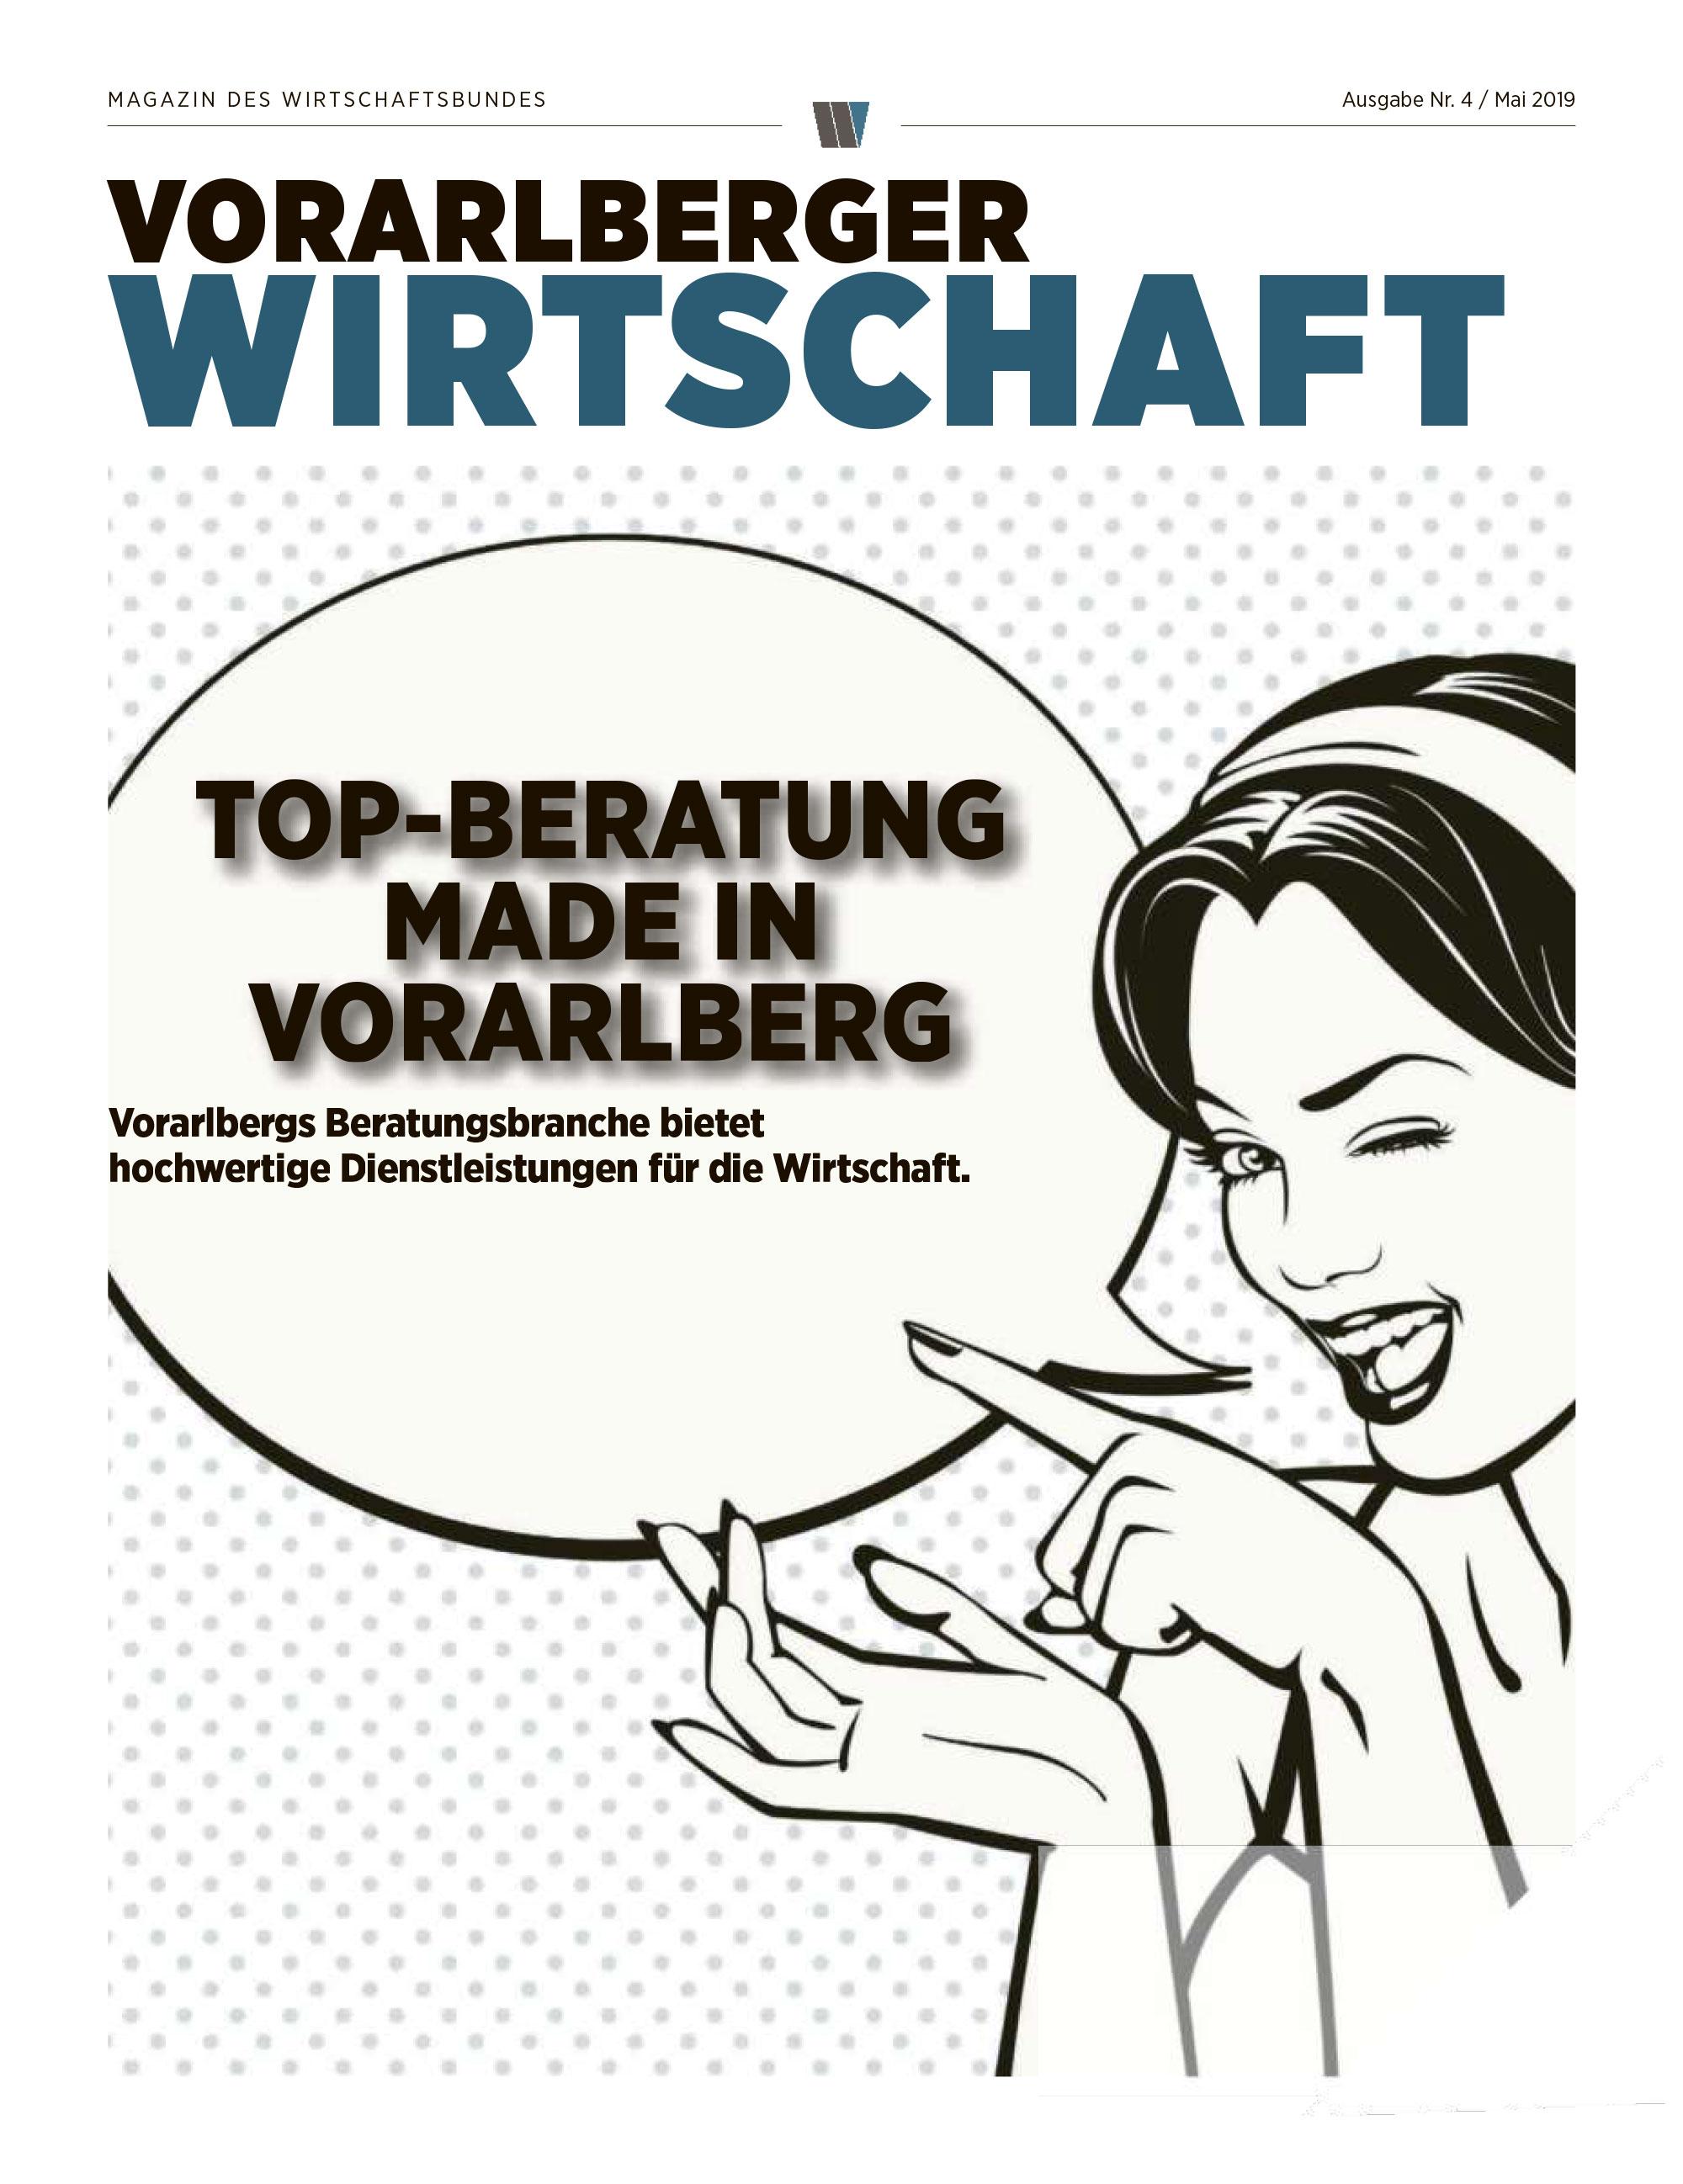 Vorarlberger-Wirtschaft_Mai_04_2019_Wissensmanagement-für-den-Unternehmensalltag